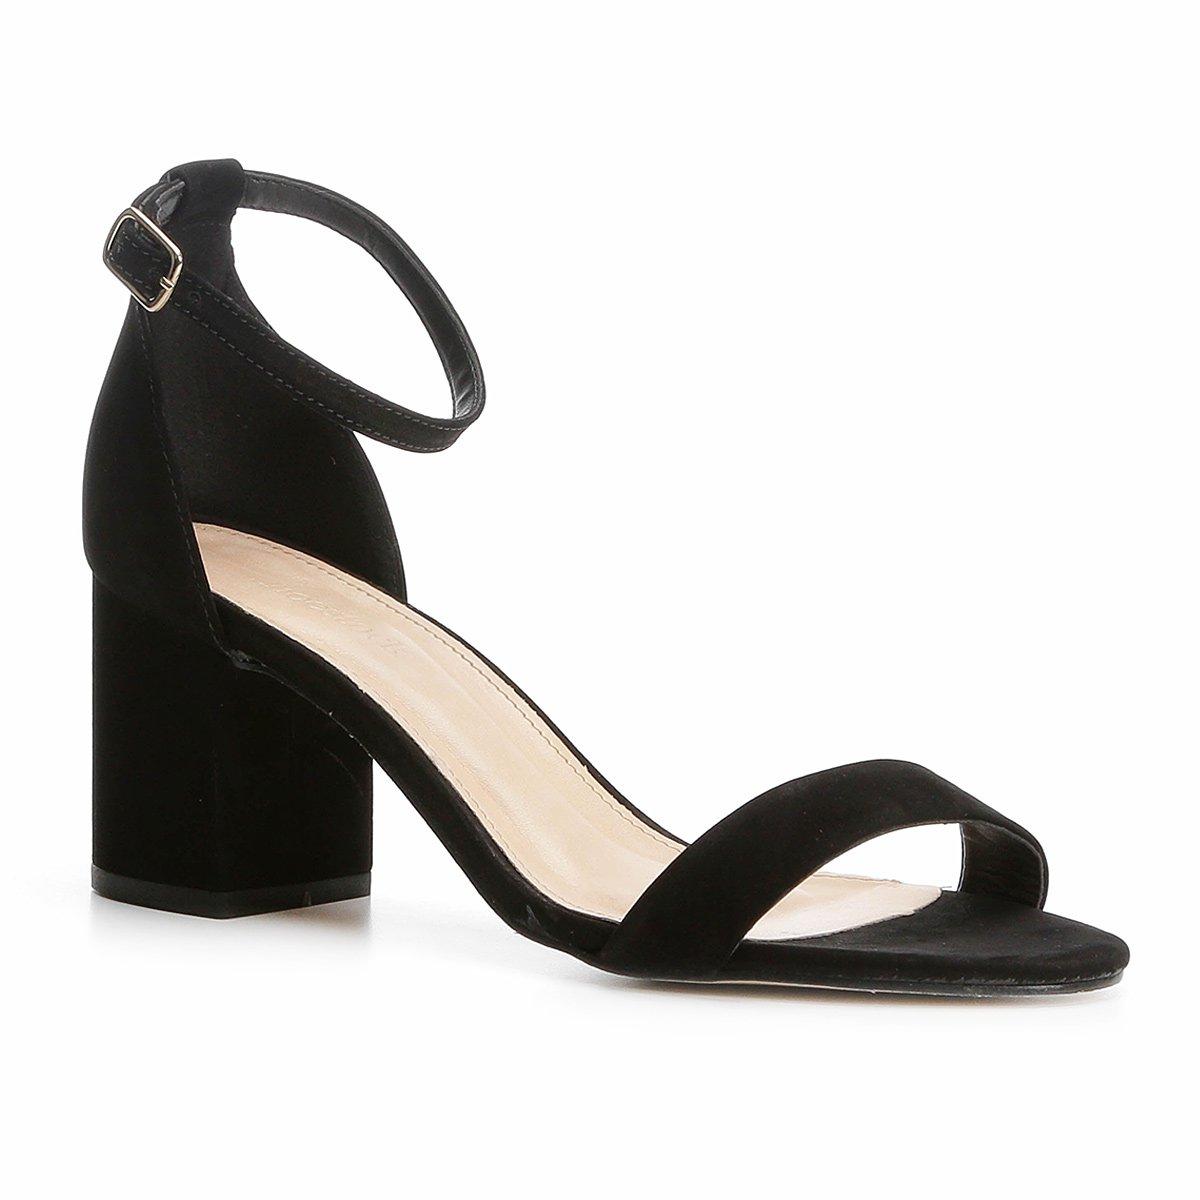 396d0054d Sandália Couro Shoestock Salto Grosso Feminina - Preto | Shoestock